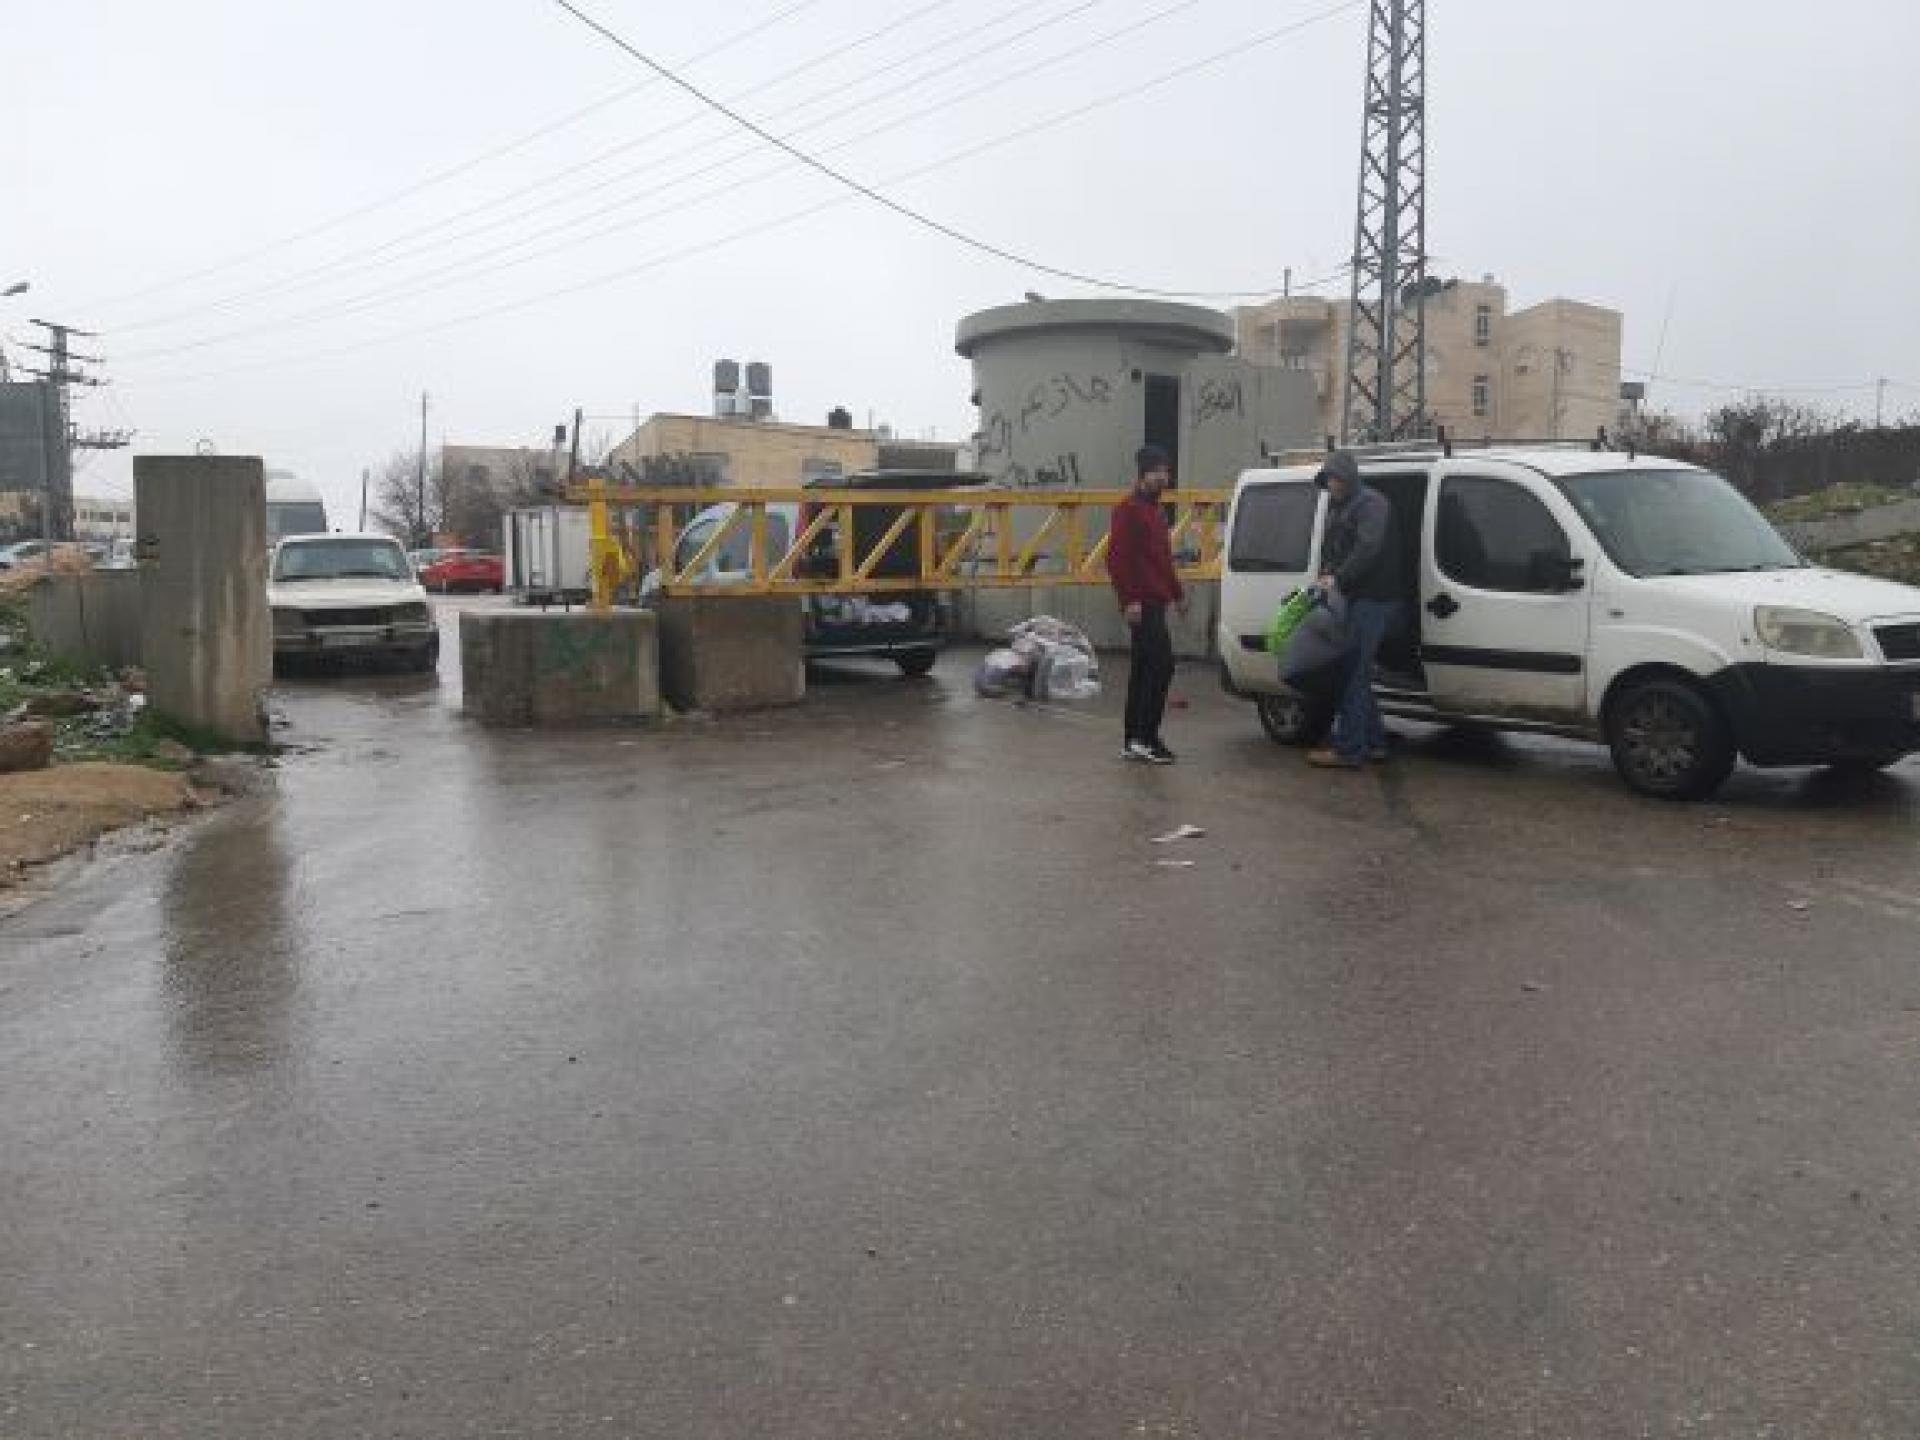 בשכונה קפישה מעבירים סחורות בשיטת גב-אל-גב